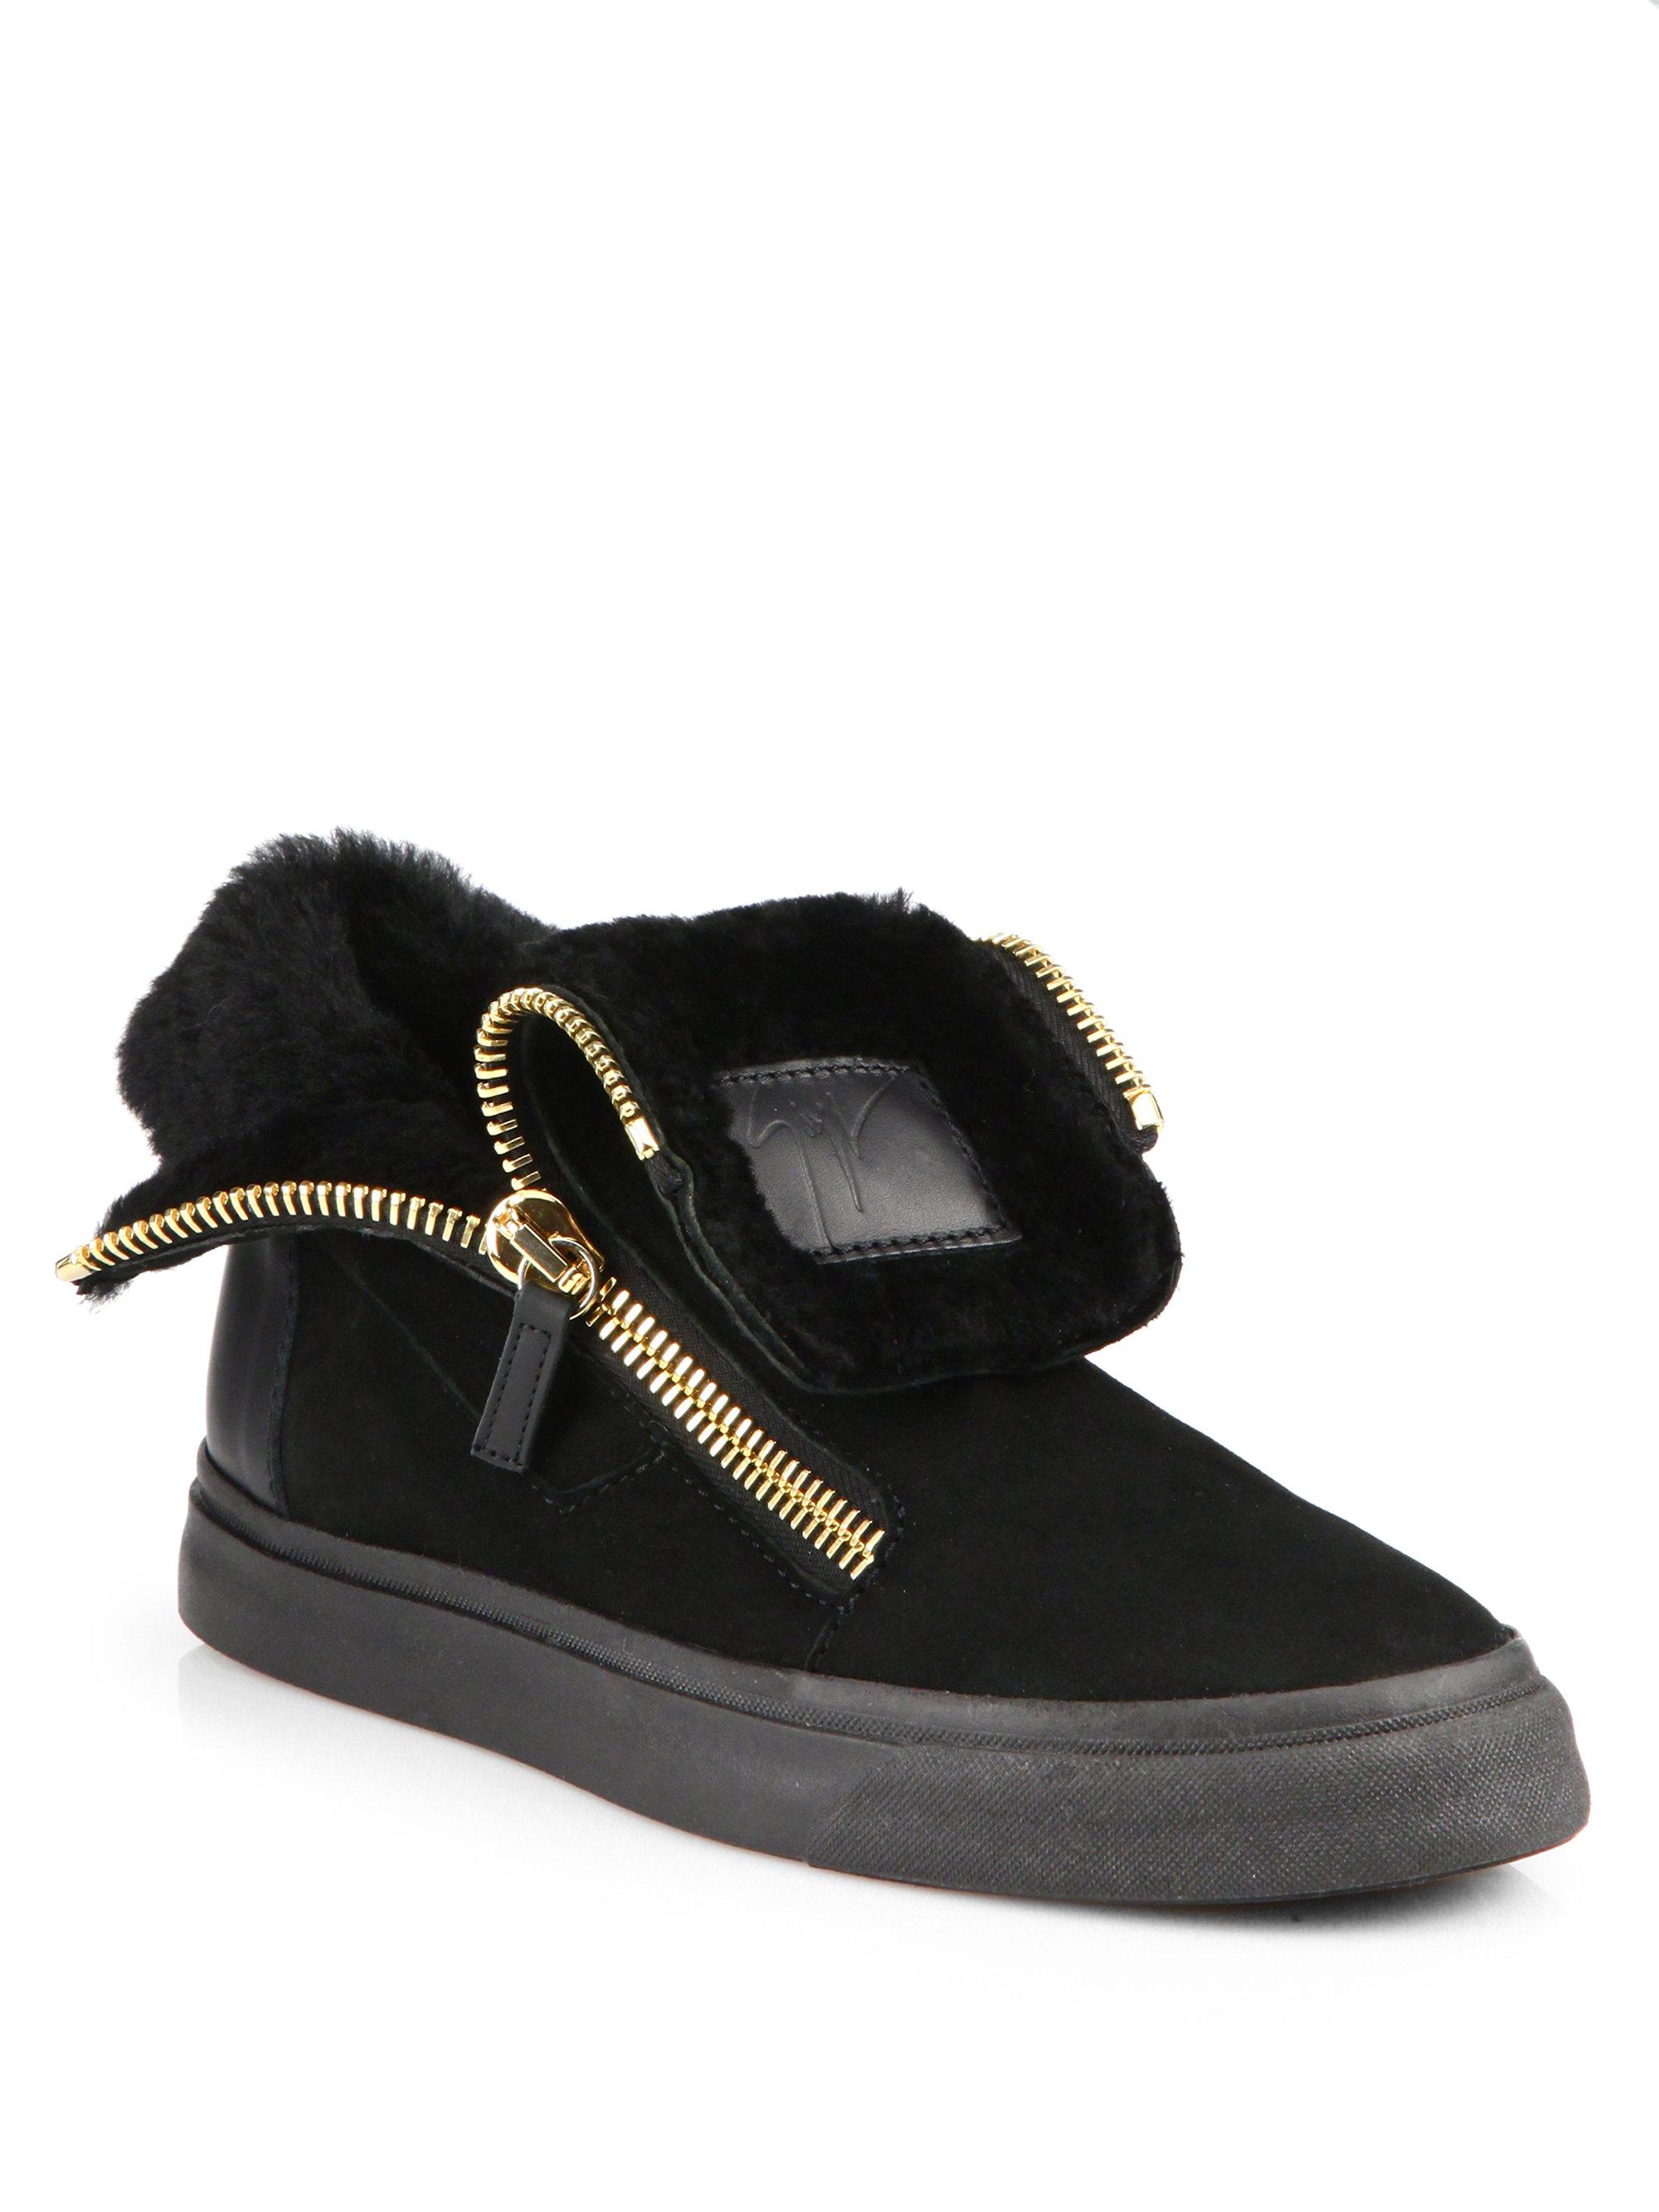 zipper sneakers 28 images mens flats lace up zipper. Black Bedroom Furniture Sets. Home Design Ideas